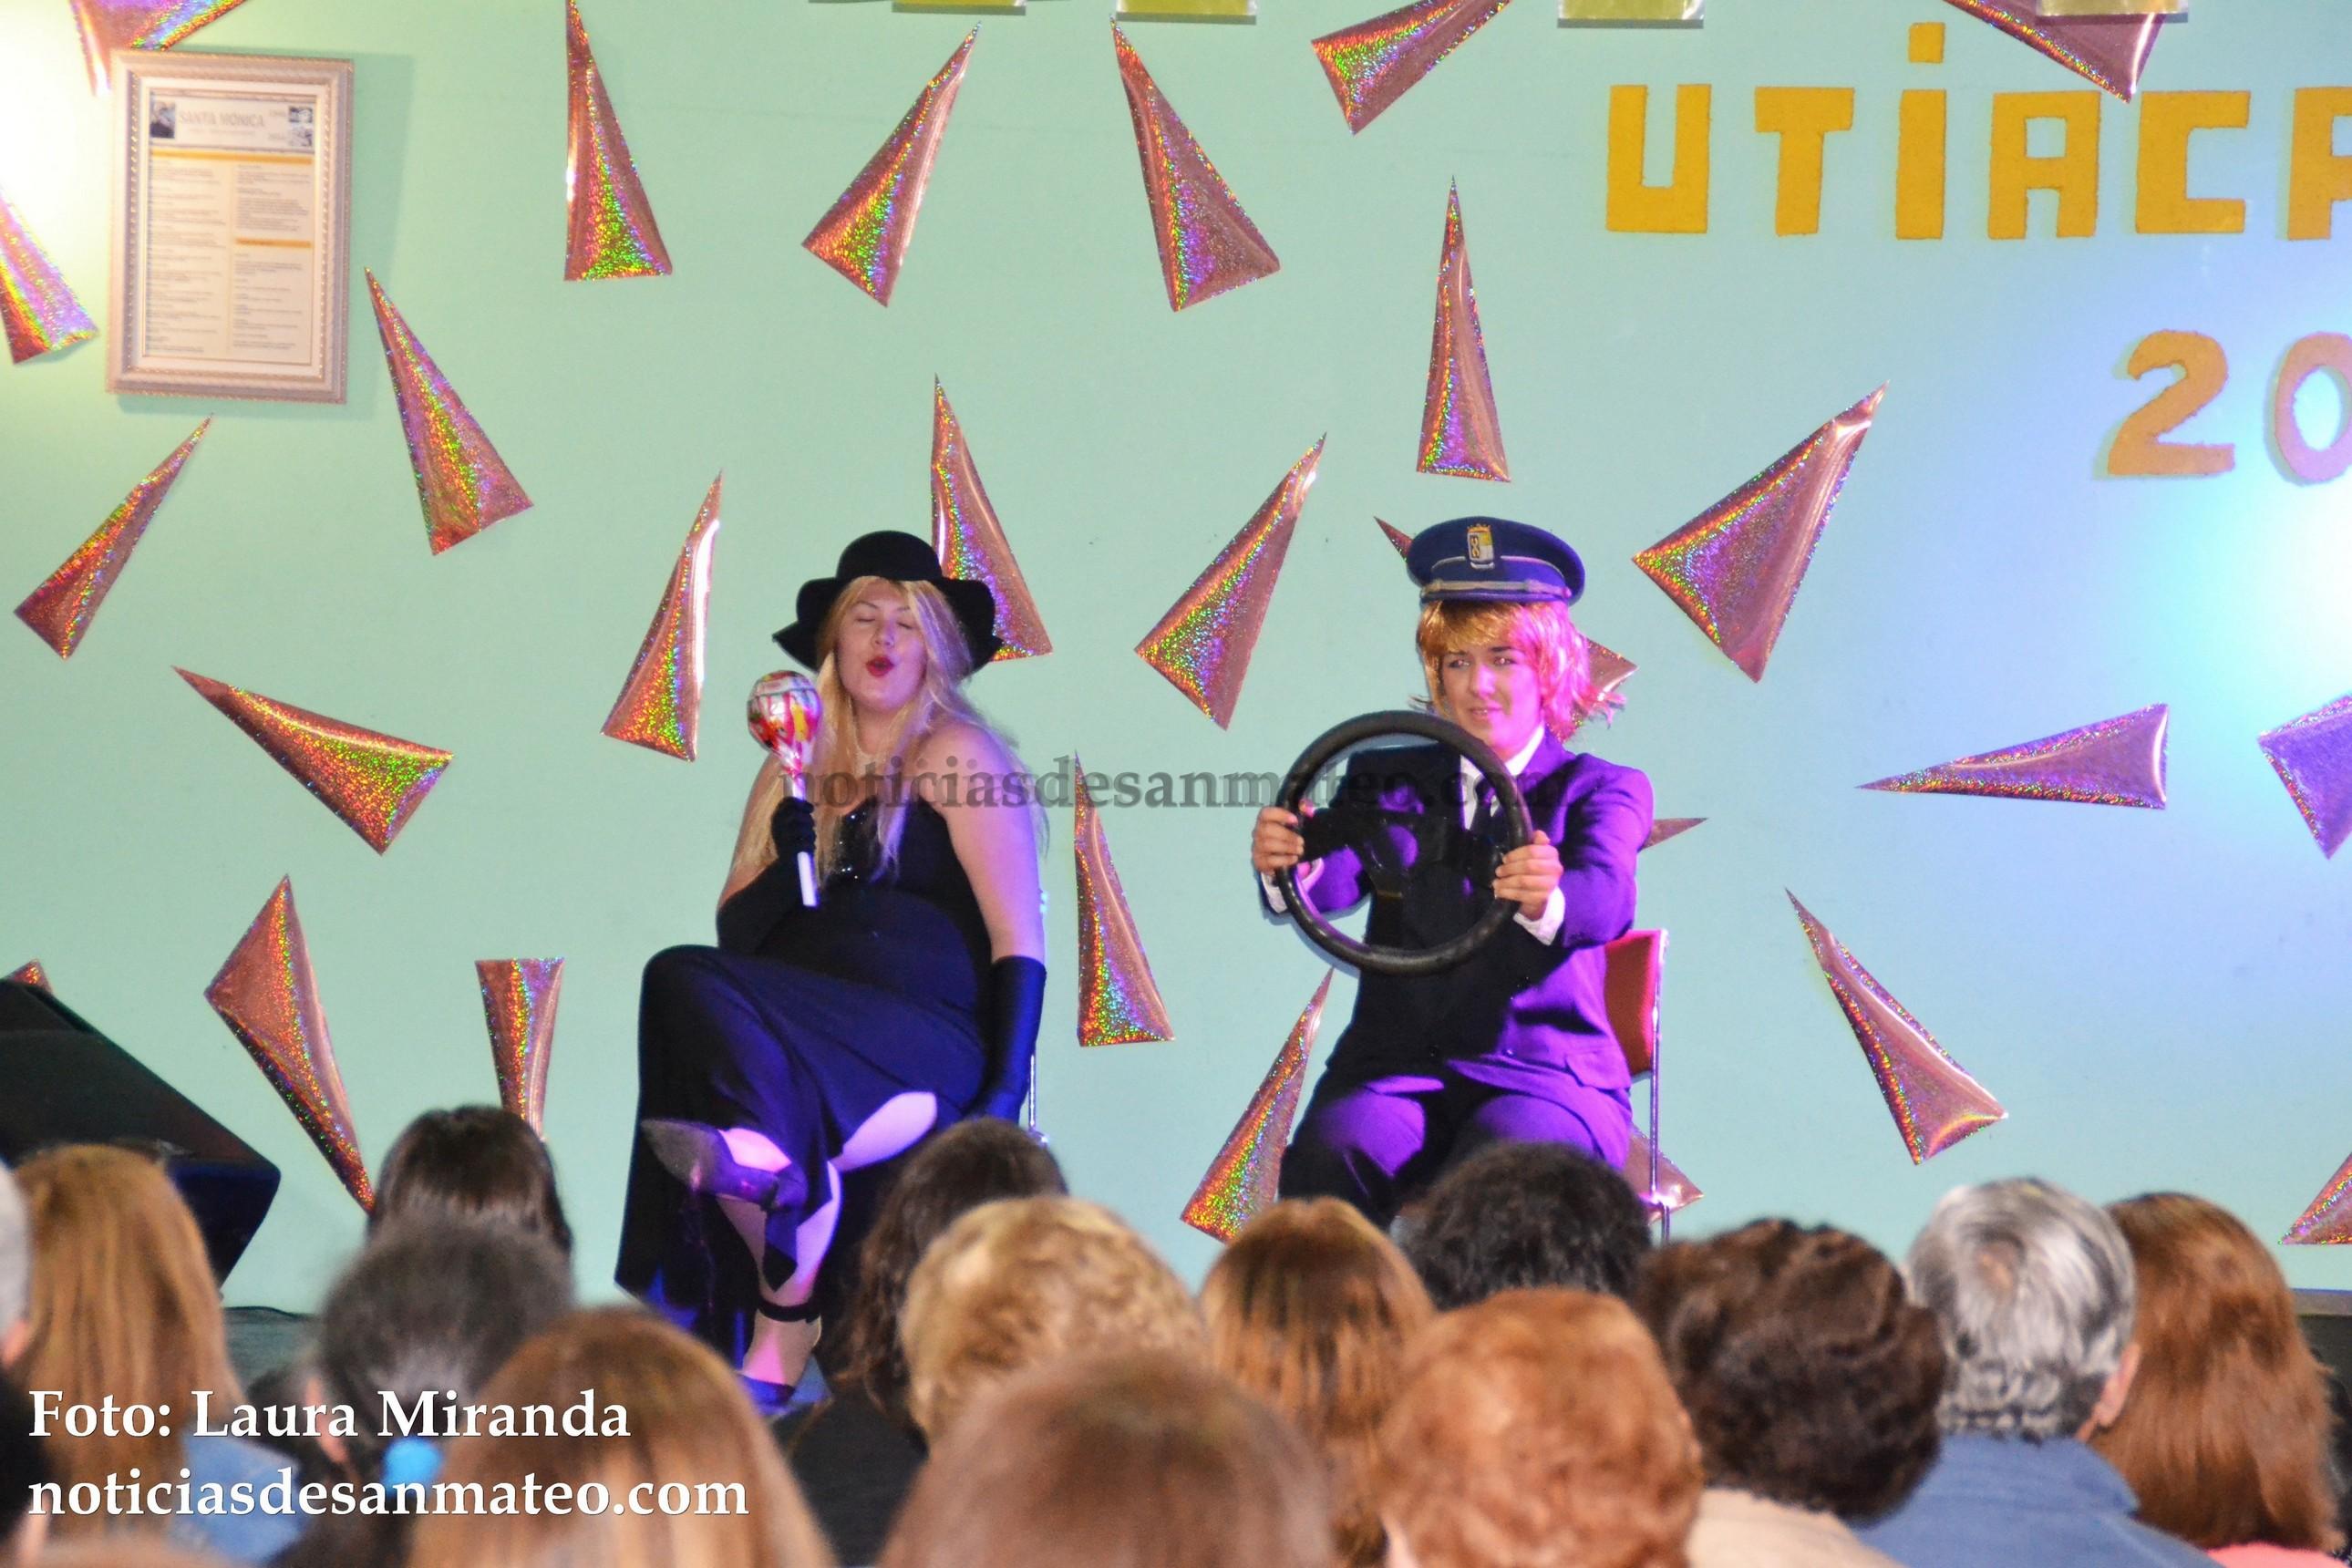 Pregon y Gala artistica Fiestas de Utiaca 2016 Foto Noticias de San Mateo Laura Miranda 4